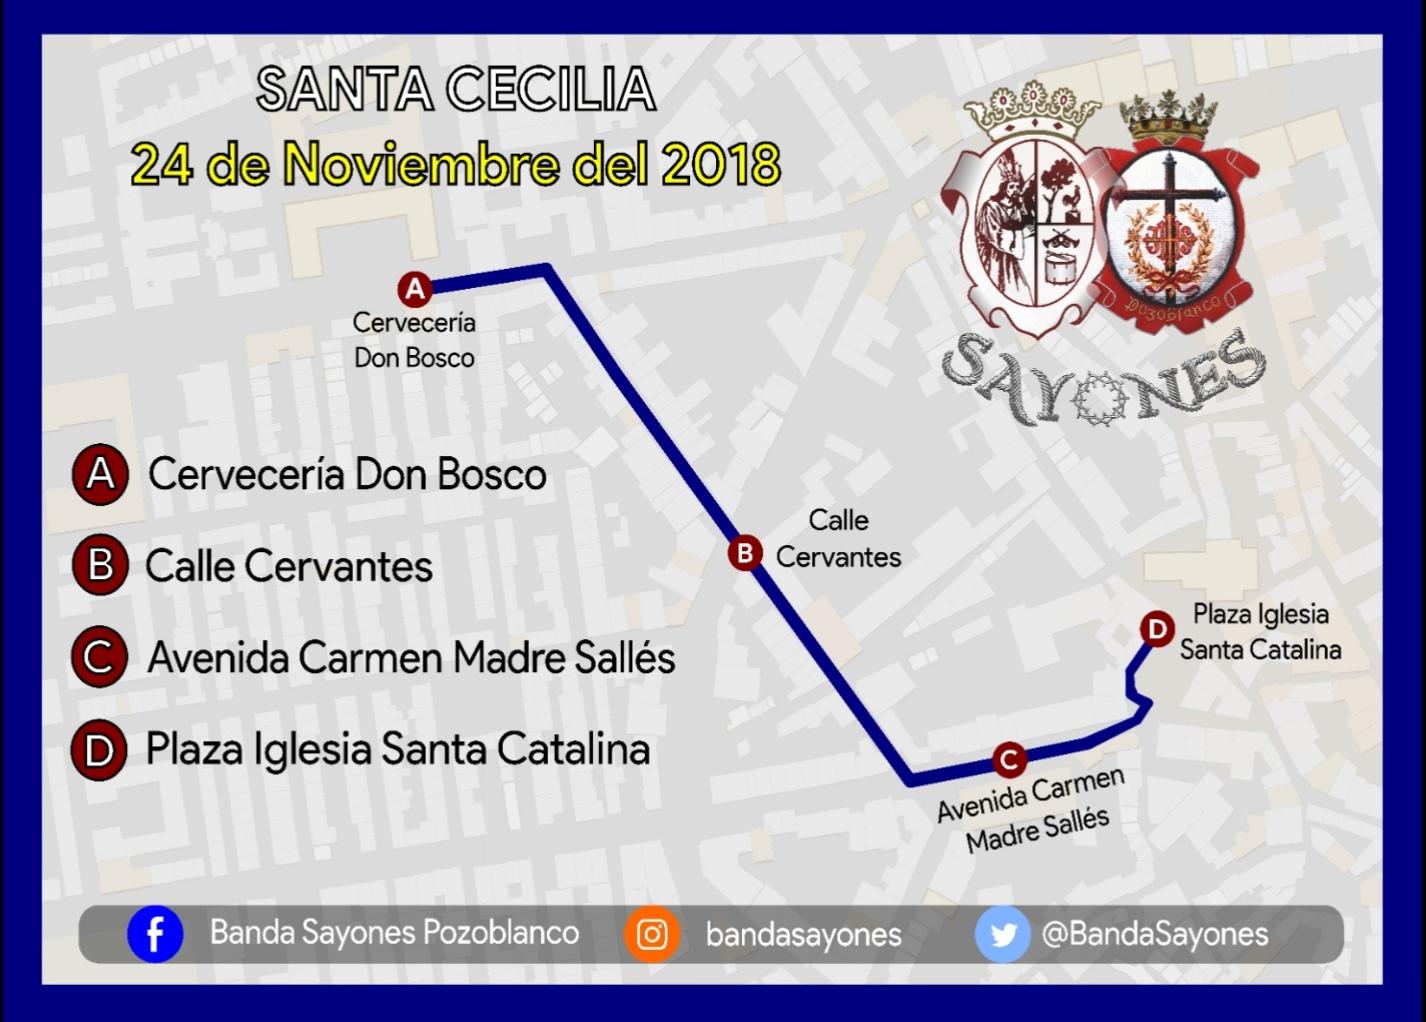 Itinerario Santa Cecilia Sayones